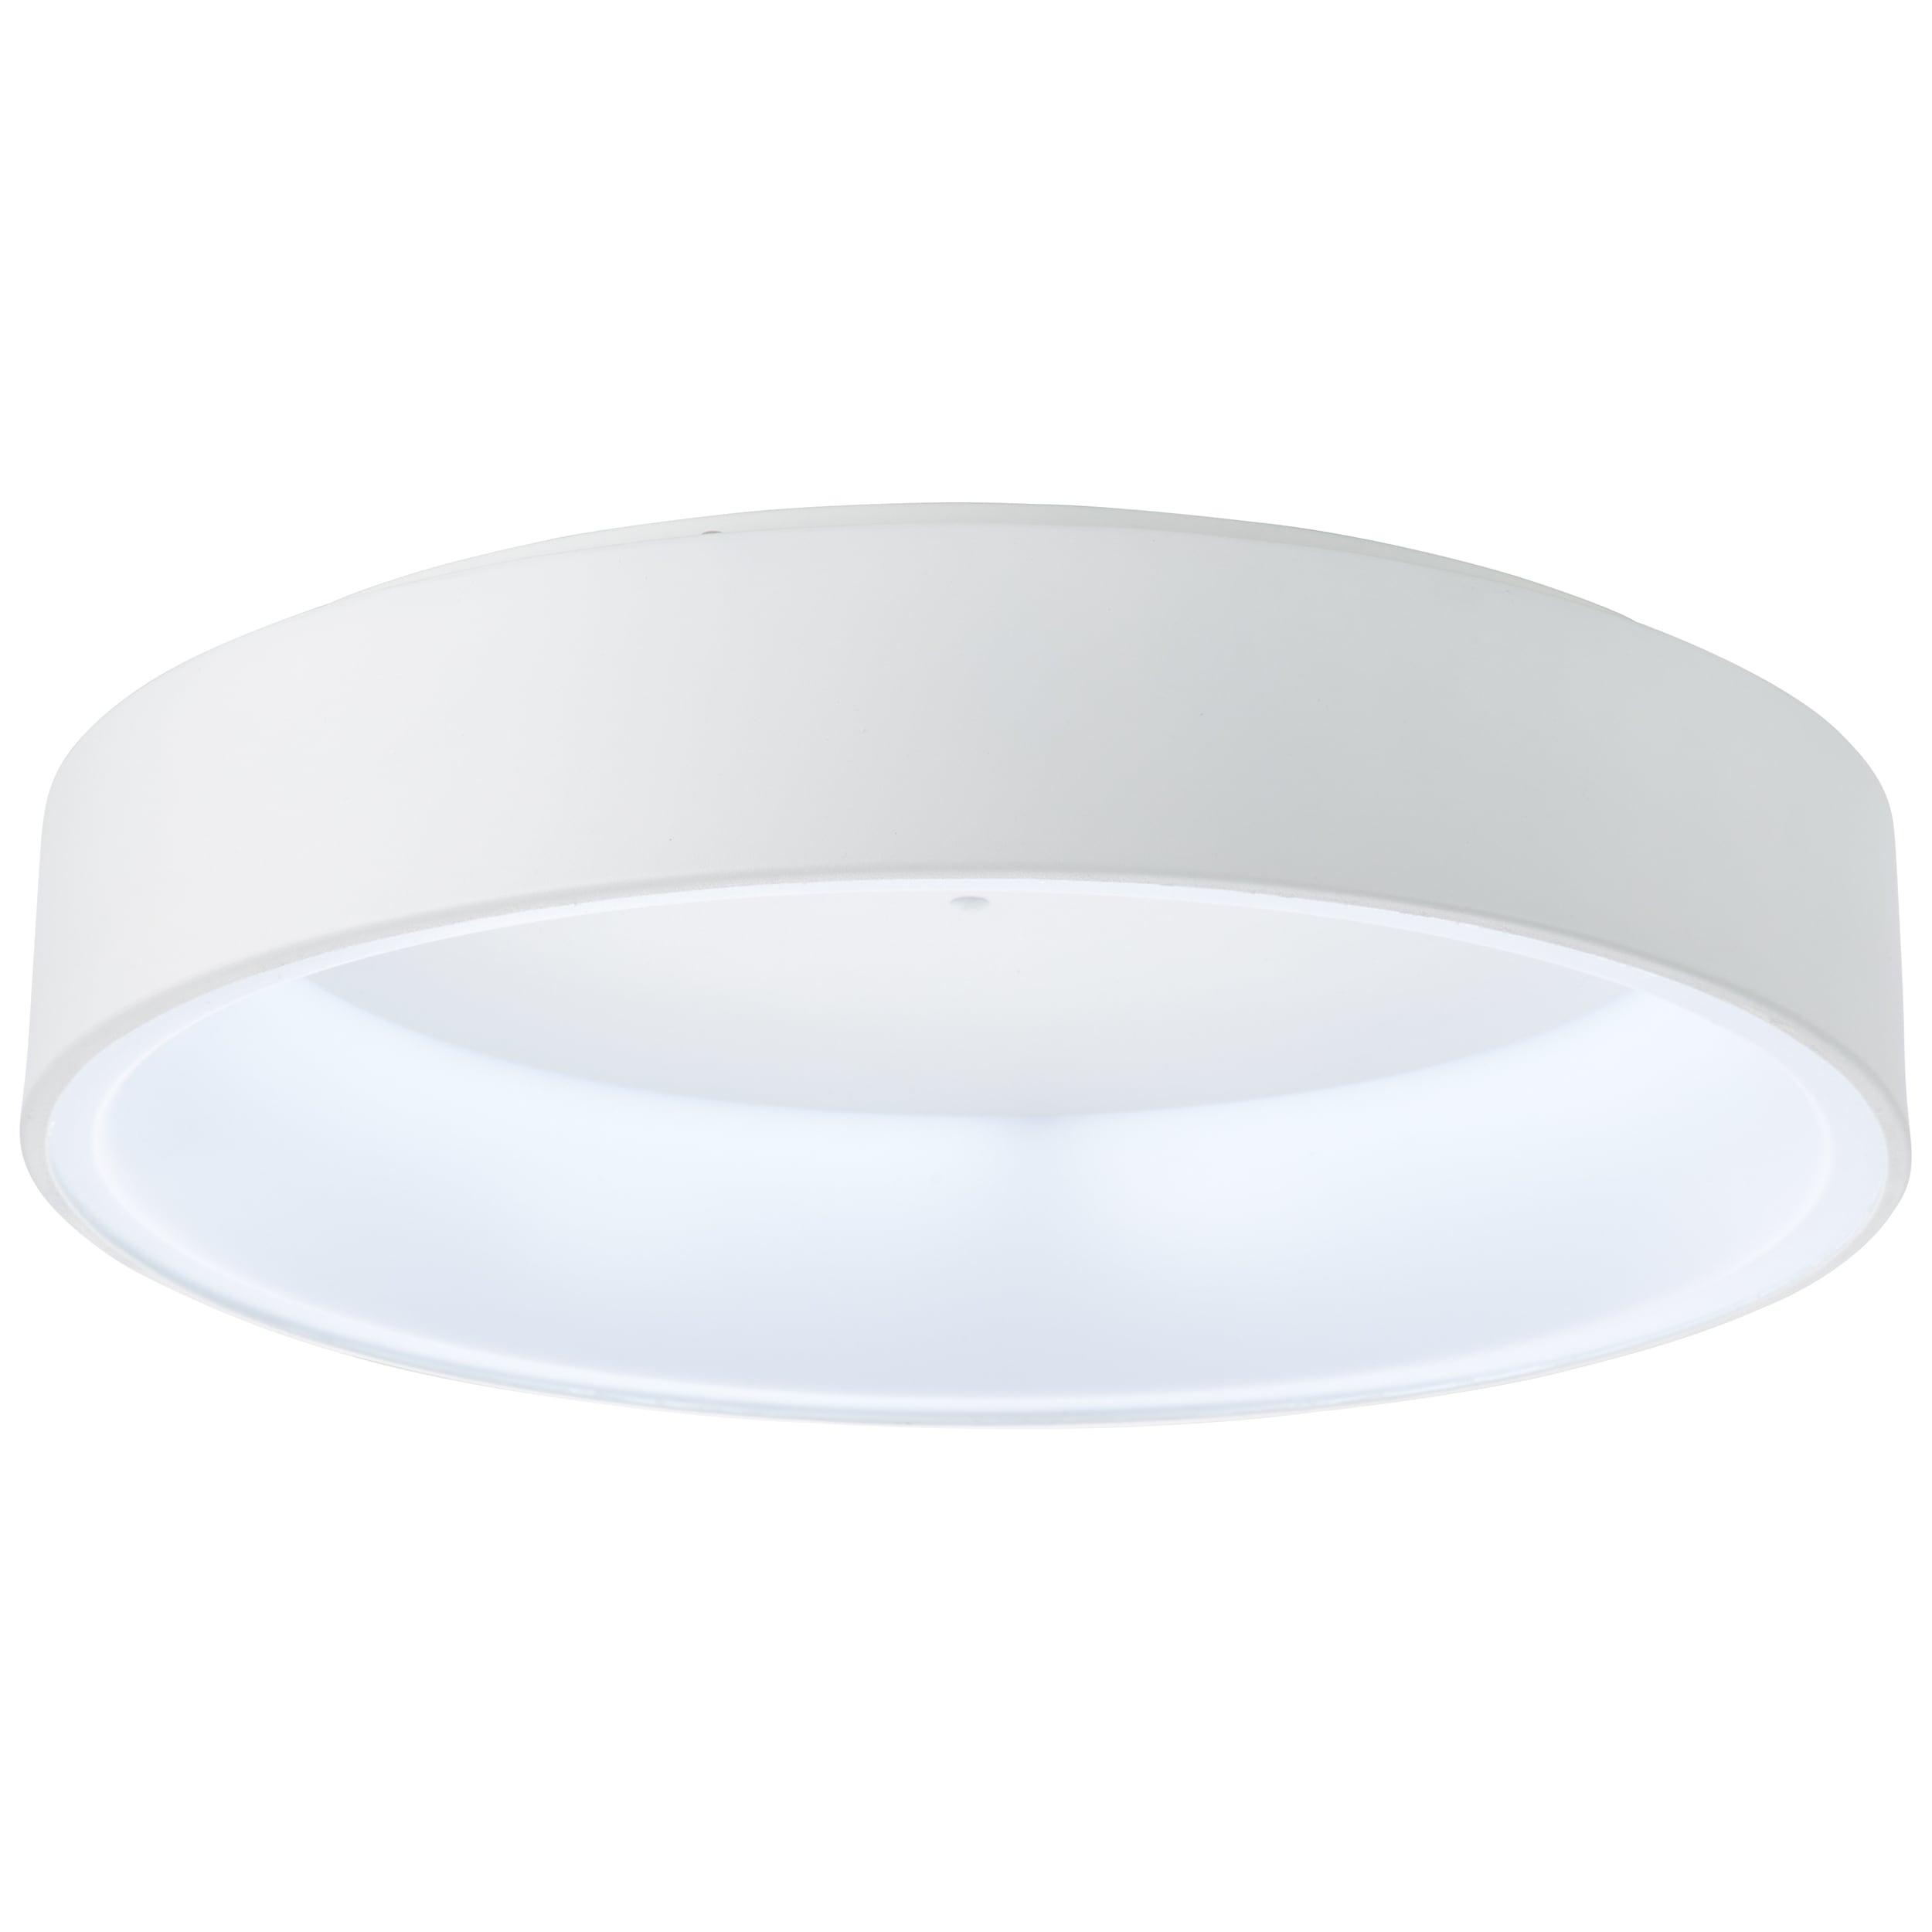 AEG Zondra LED Deckenleuchte 50cm sand/weiß